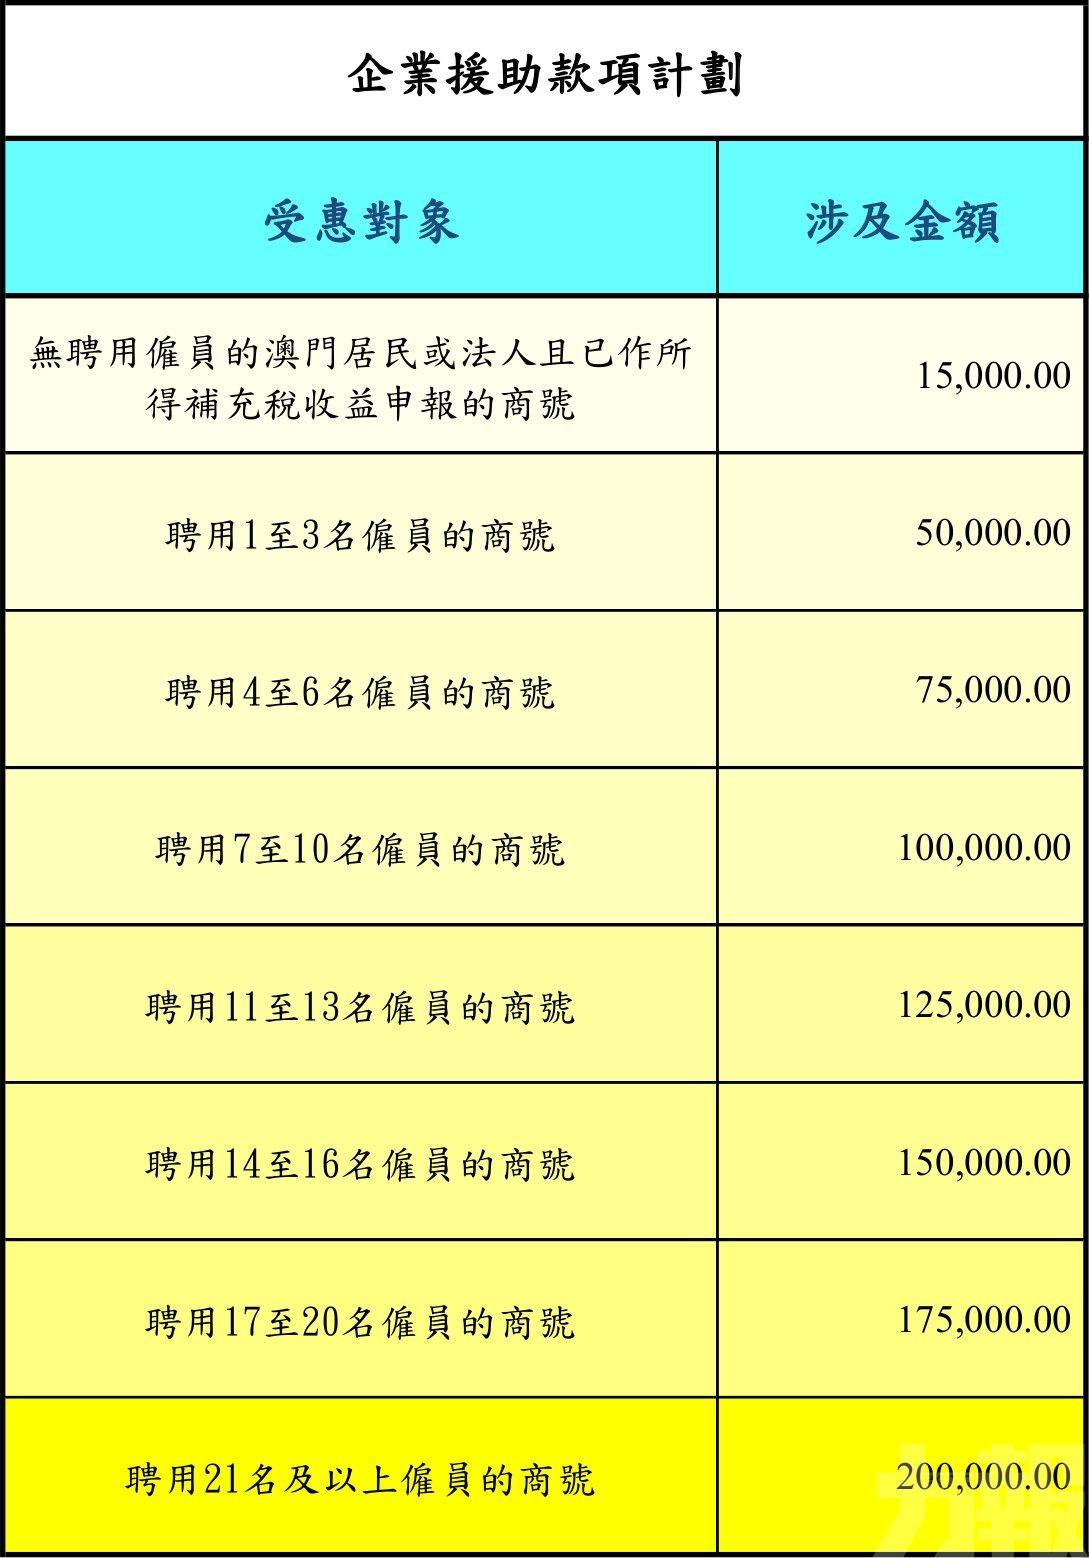 李偉農:冀援助可維持僱用關係